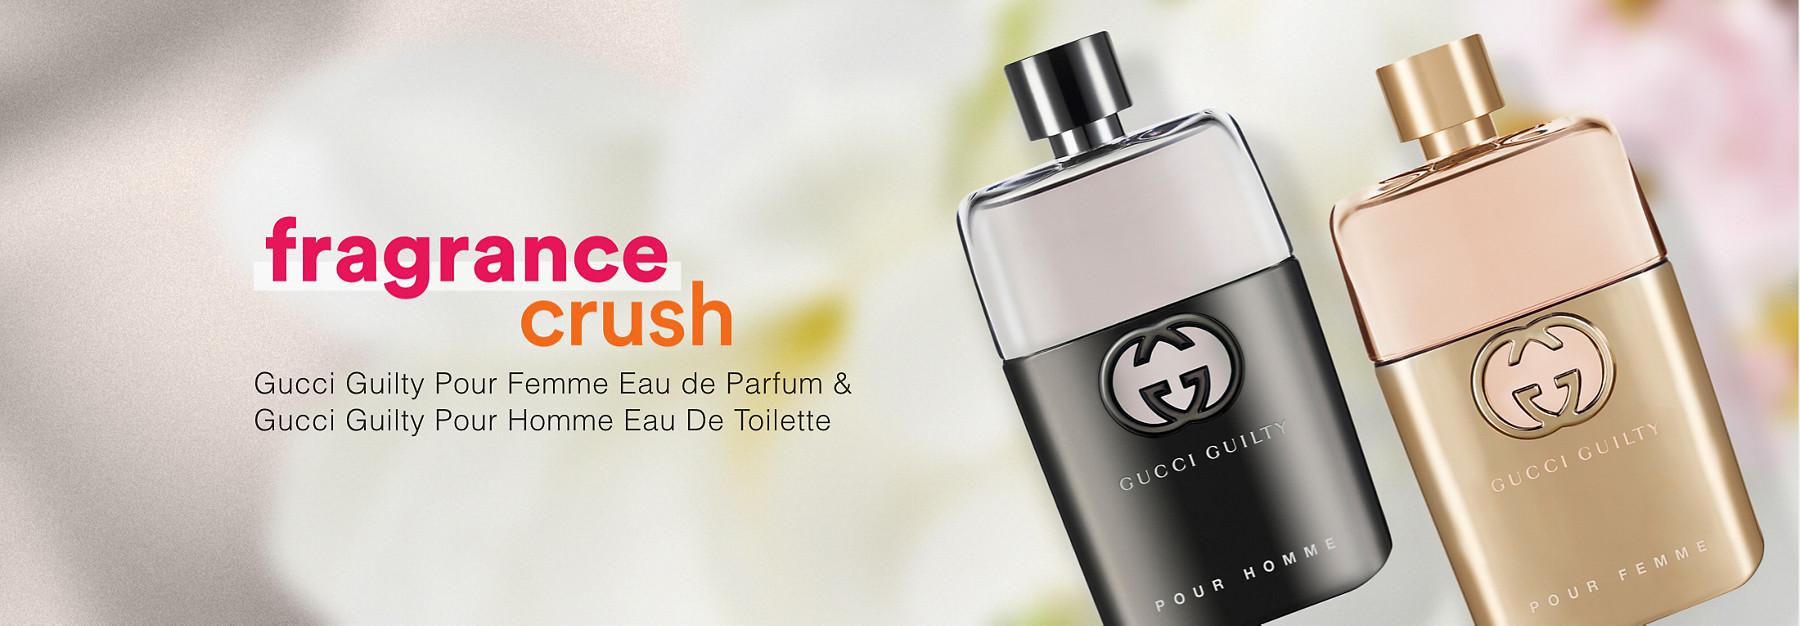 July Fragrance Crush at Ulta Beauty - Gucci Guilty Pour Femme Eau de Parfum & Gucci Guilty Pour Homme Eau De Toilette